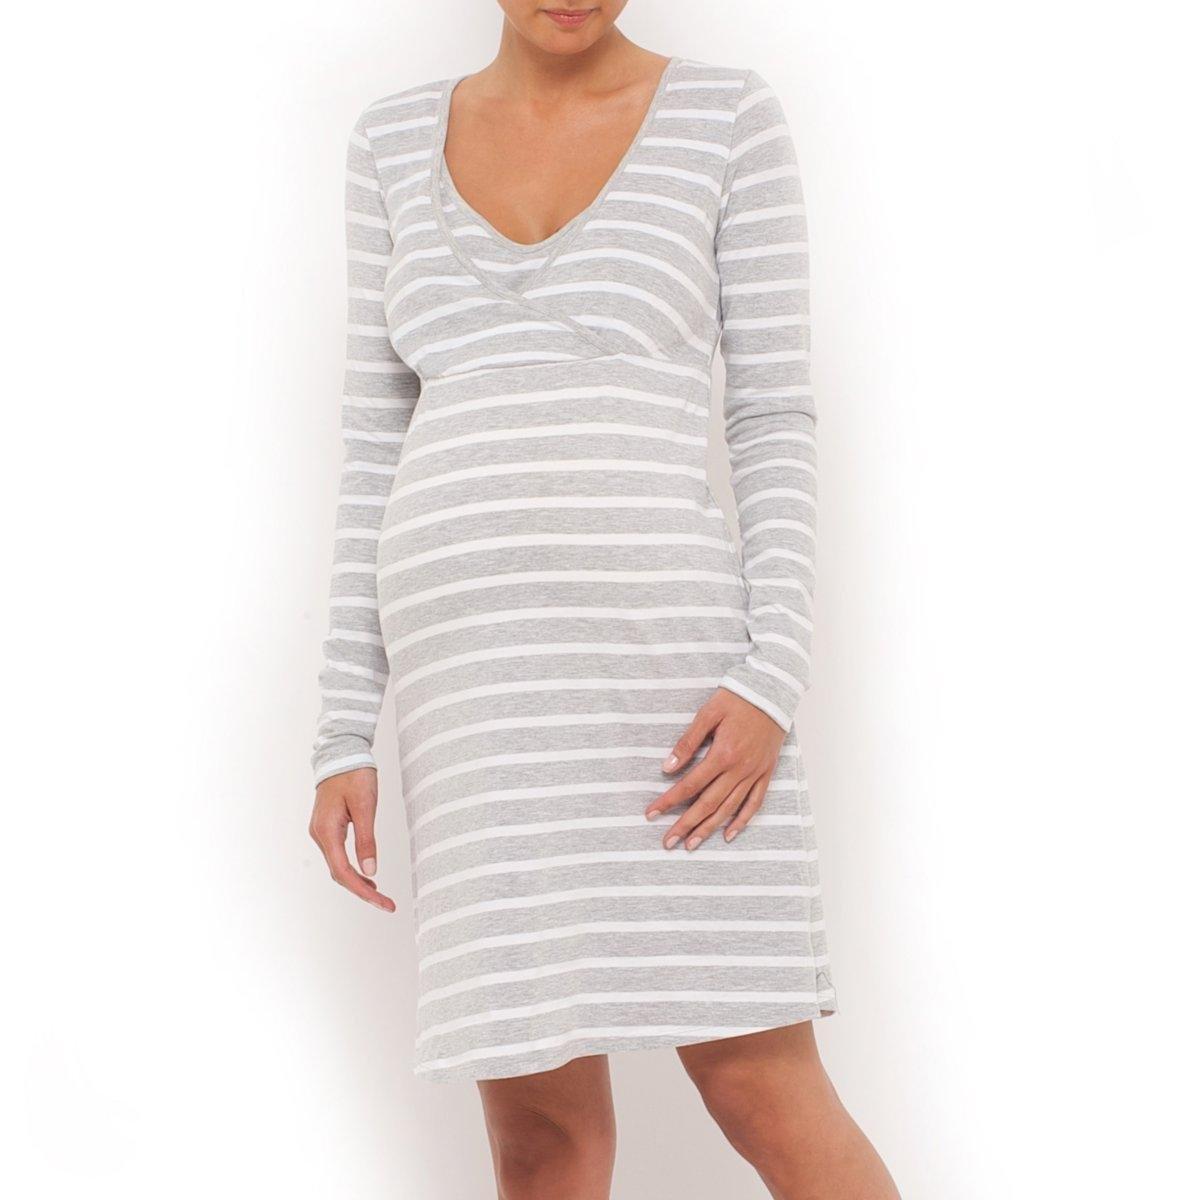 Ночная рубашка для периода беременности и кормления грудьюНочная рубашка для периода беременности и кормления грудью из джерси 95% хлопка, 5% эластанаМашинная стирка. Знак Oeko-Tex*.    *Международный знак Oeko-Tex гарантирует отсутствие вредных или раздражающих кожу веществ<br><br>Цвет: серый/белый в полоску<br>Размер: 42/44 (FR) - 48/50 (RUS)